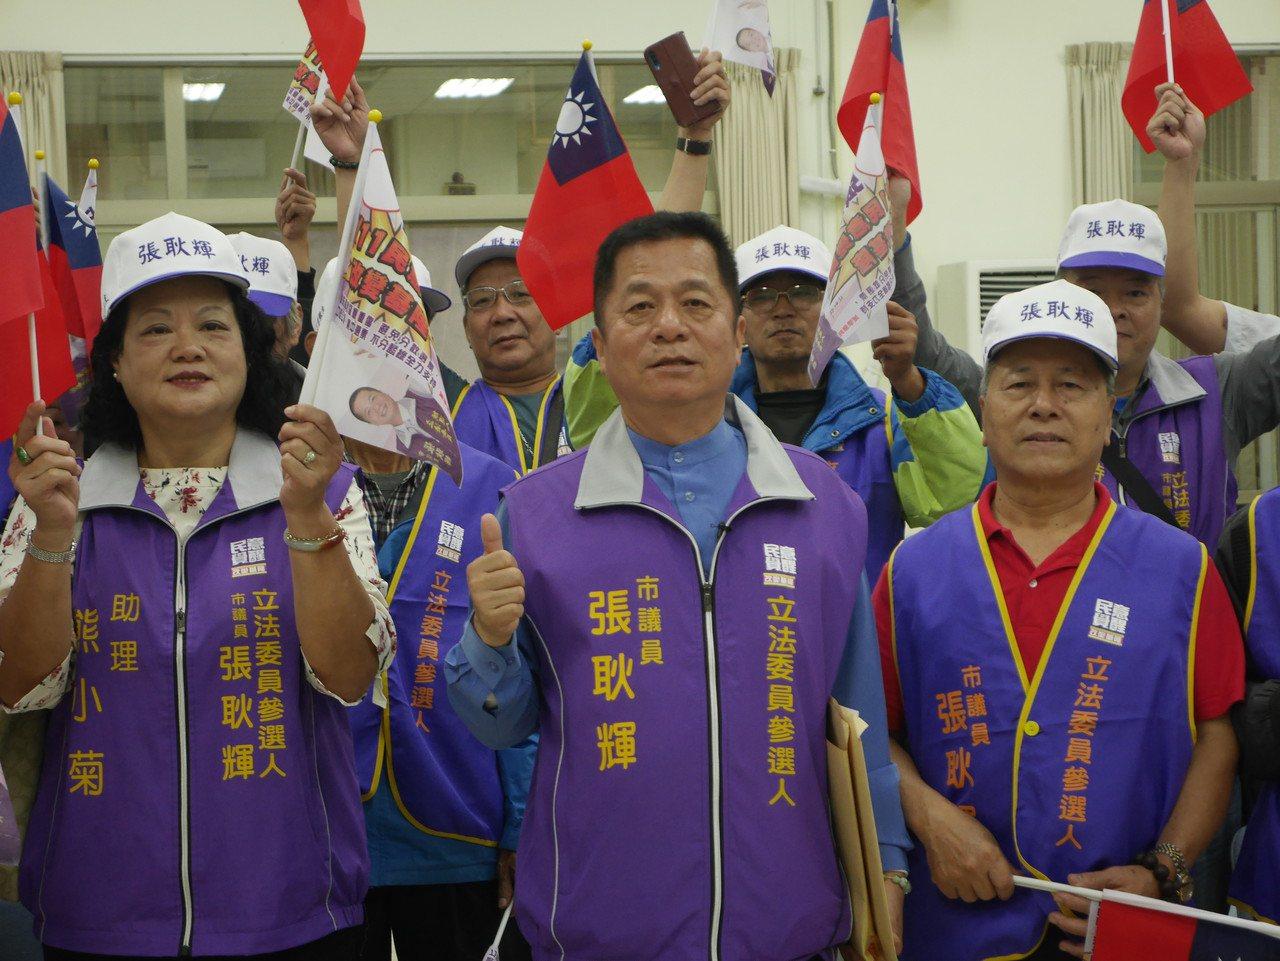 基隆市無黨籍議員張耿輝,隔了8年又再捲土重來選立委。 記者吳淑君/攝影